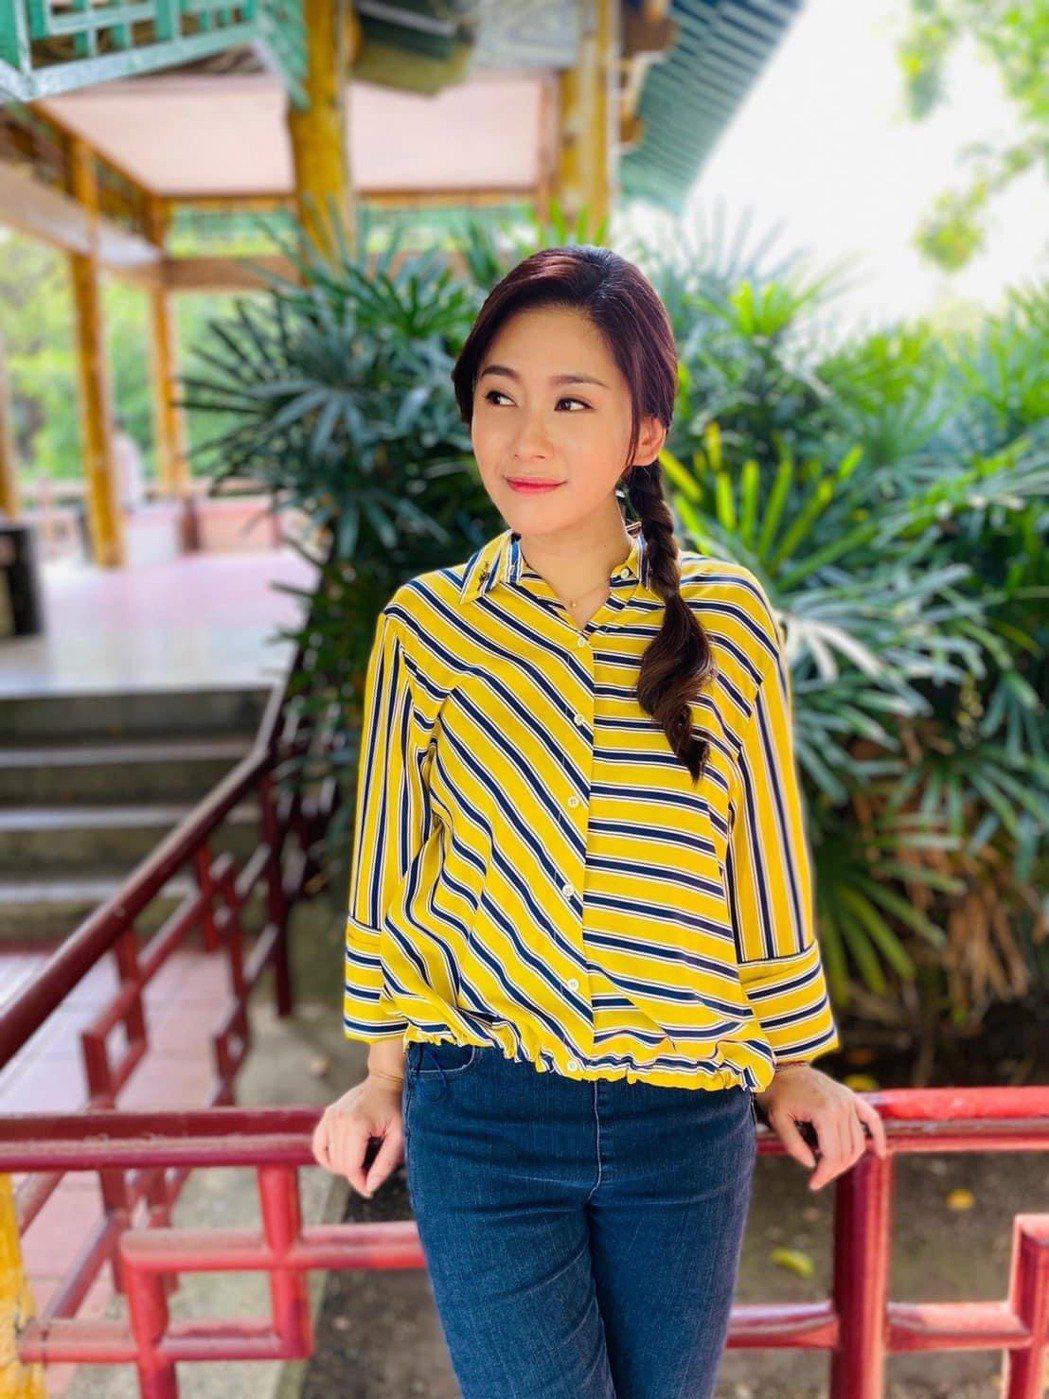 葉家妤主演「黃金歲月」。圖/摘自臉書